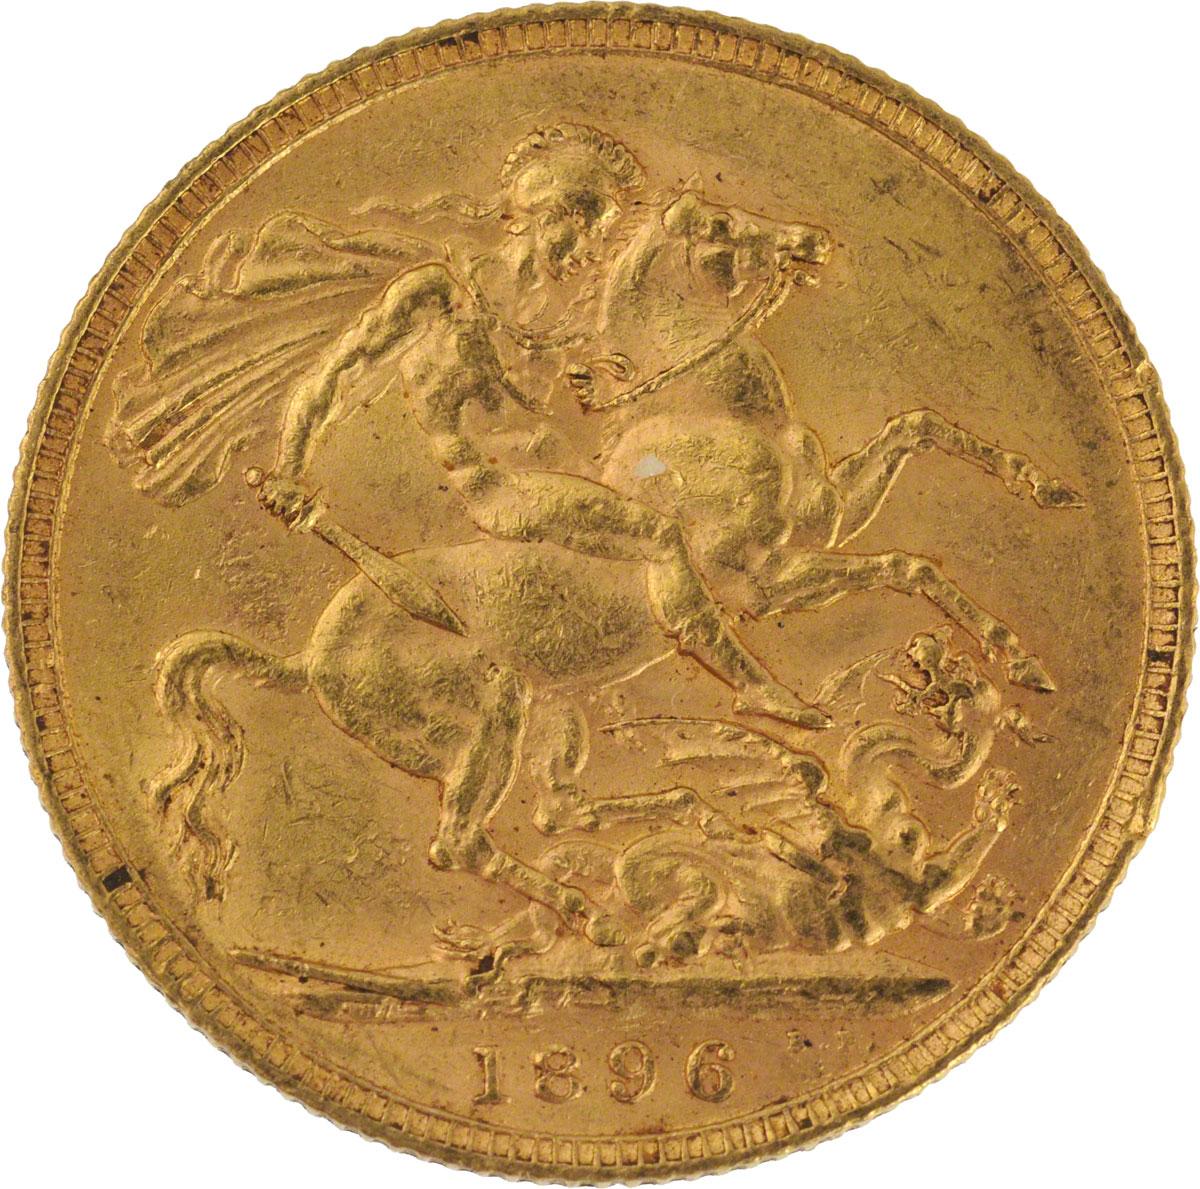 1896 Βικτώρια (Νομισματοκοπείο Λονδίνου)